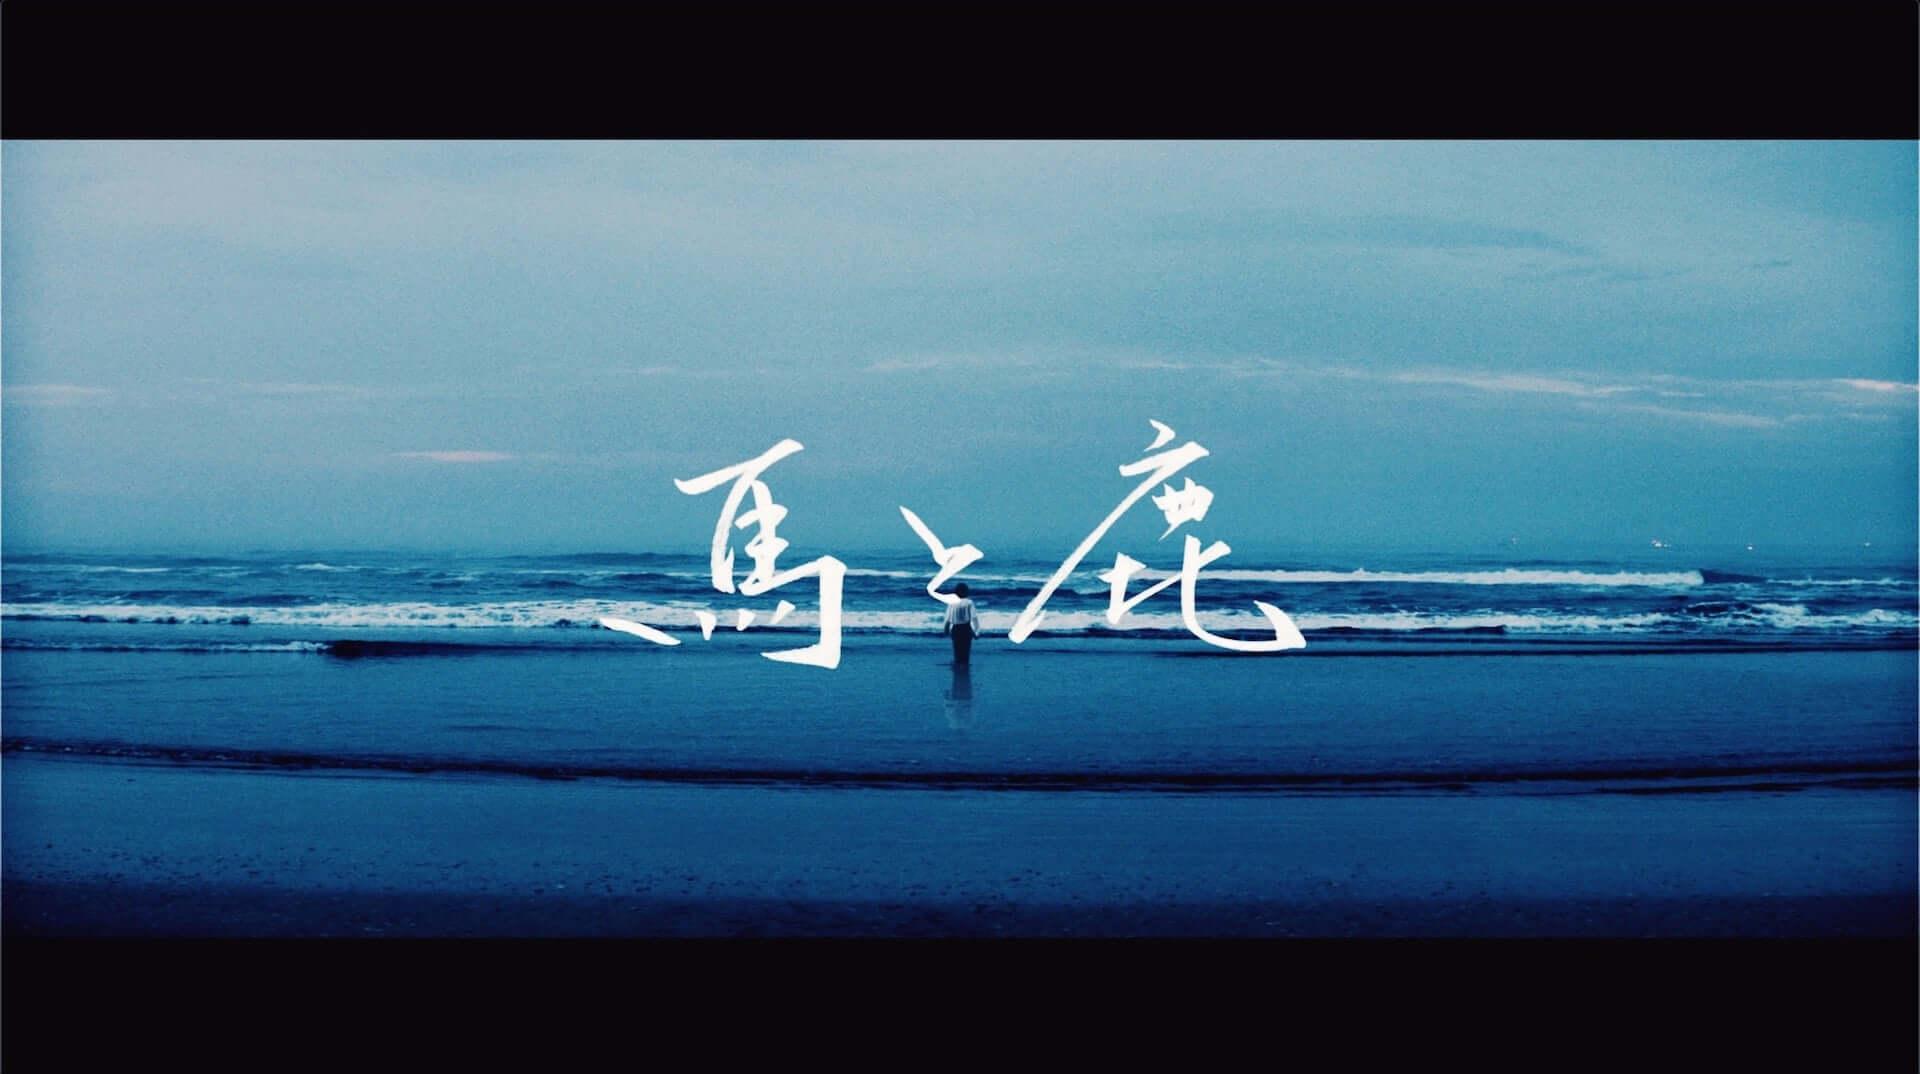 米津玄師「馬と鹿」MV、早くも1,000万回再生達成!ドラマ『ノーサイド・ゲーム』は今週最終回 music190909_yonezukenshi_umatoshika_mv_1-1920x1074